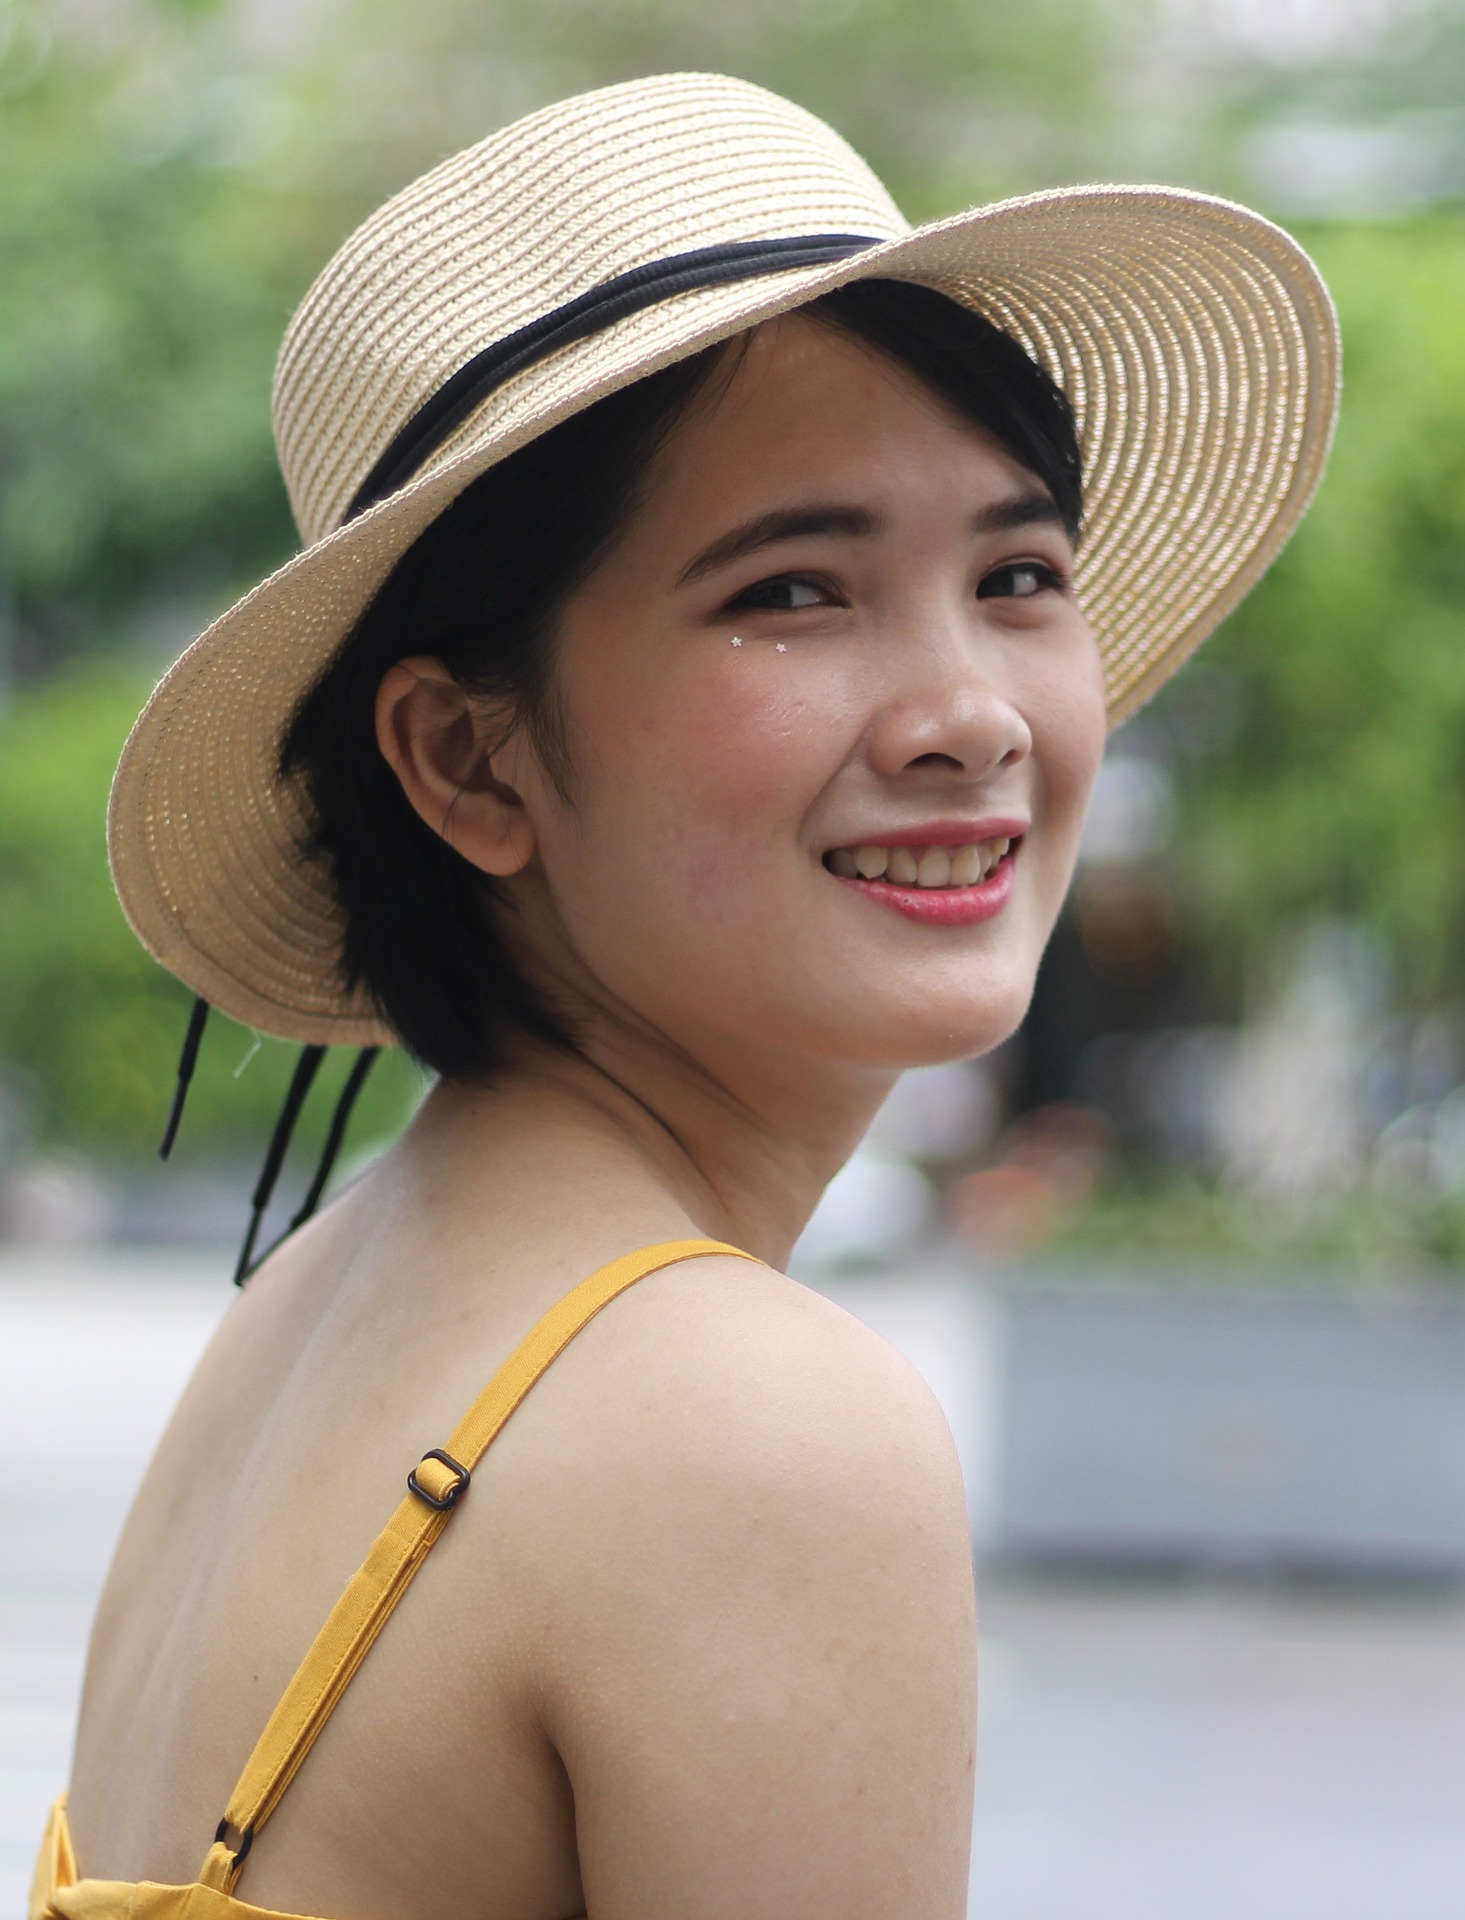 『ラグジュアリー名古屋倶楽部』に登録している女性のイメージ